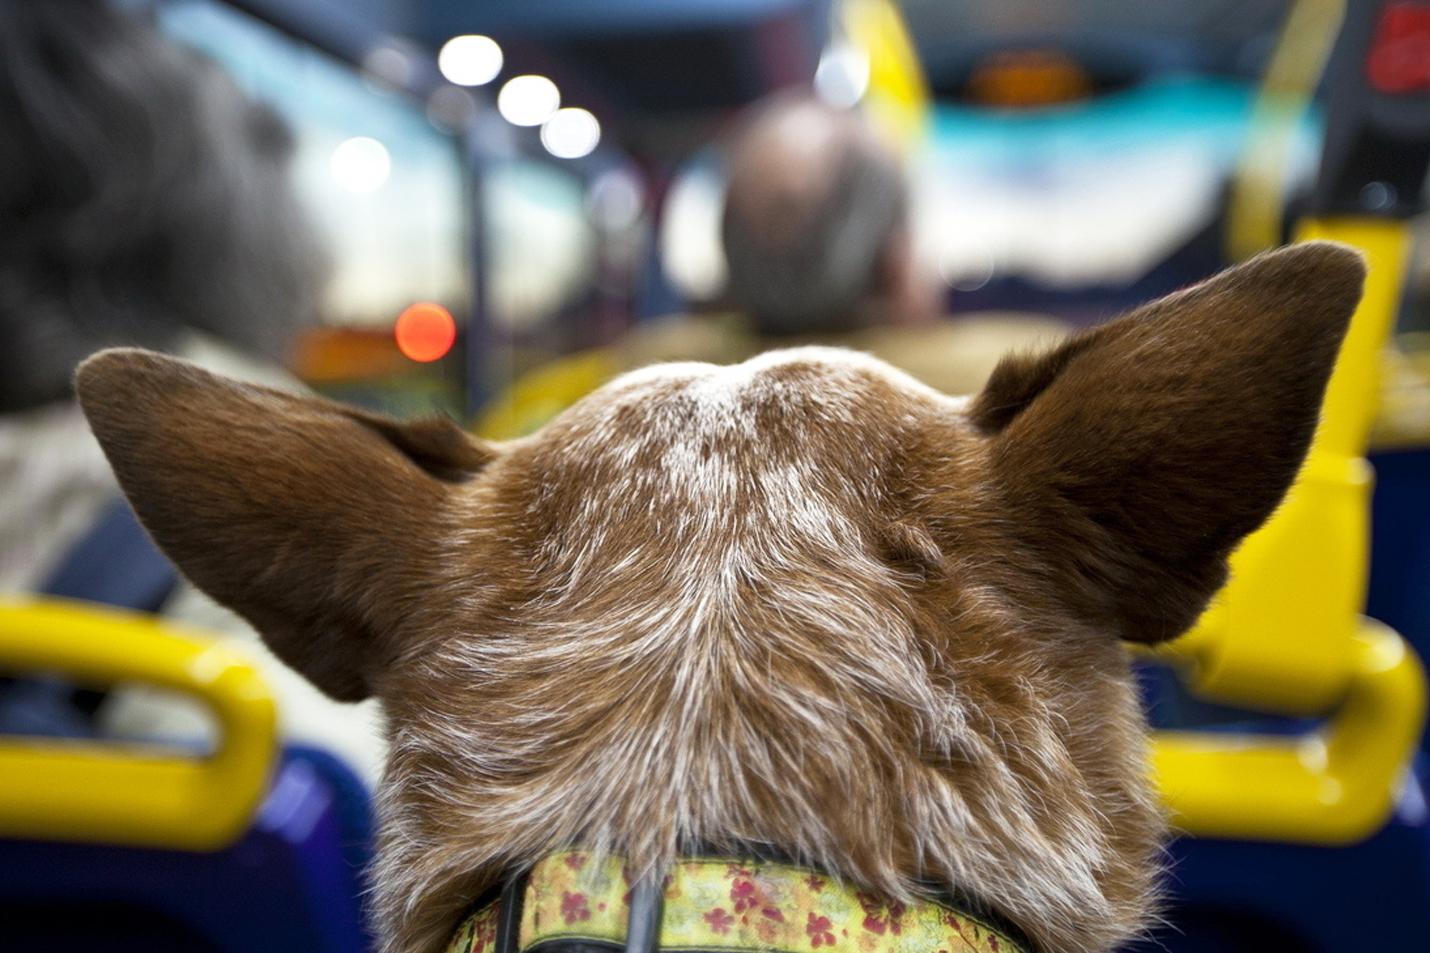 Правила провоза животных в междугородних автобусах